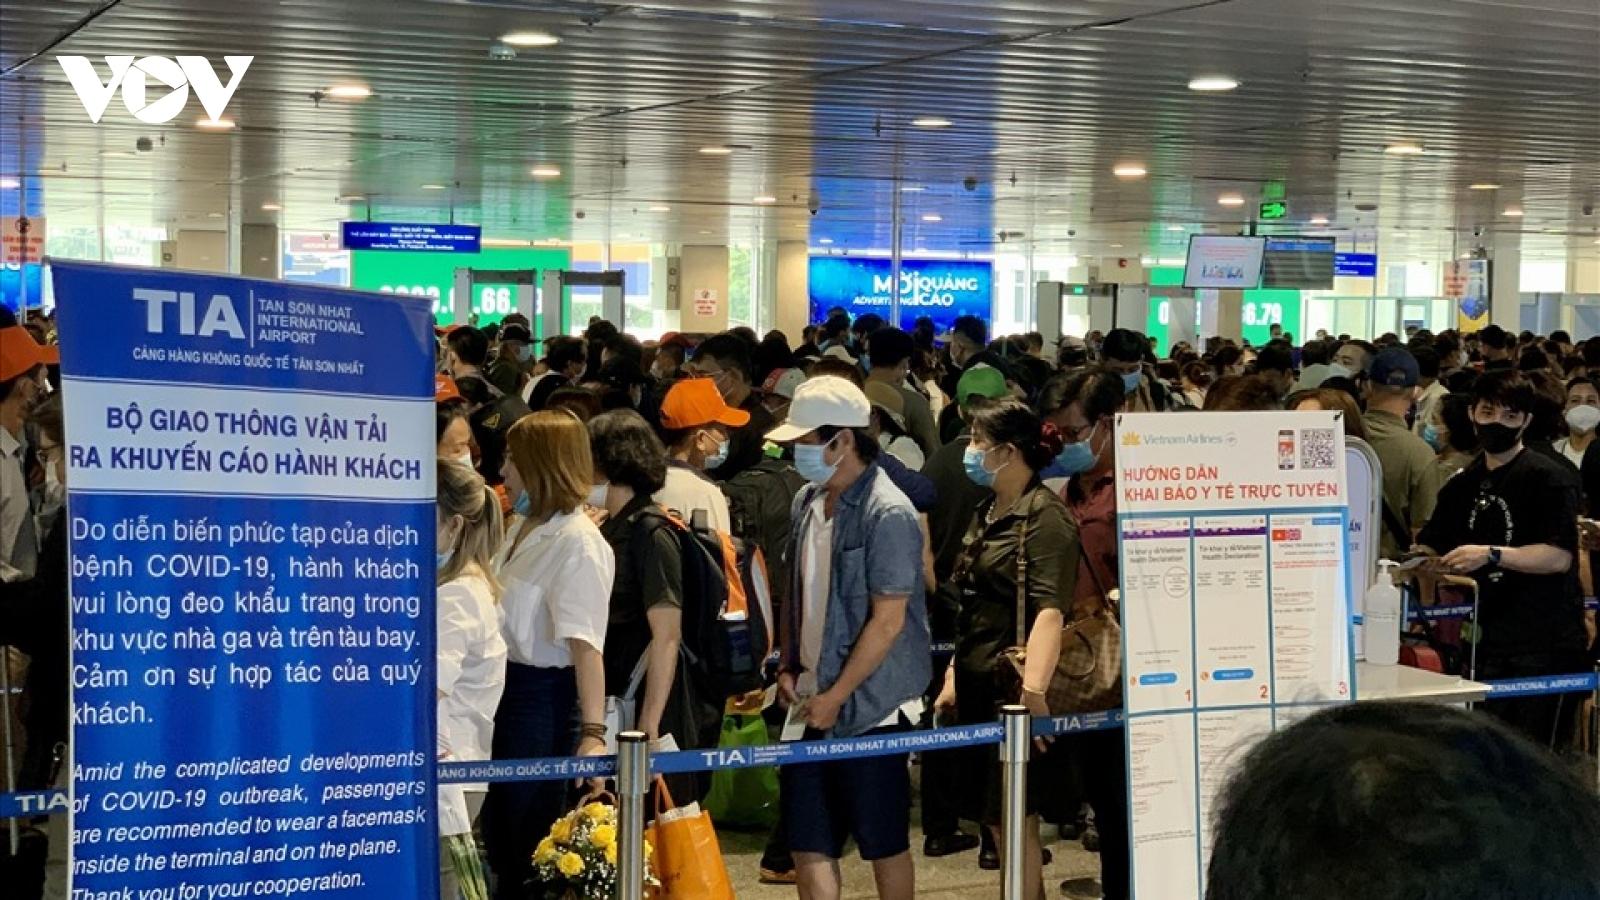 Sân bay Tân Sơn Nhất quá tải do hạ tầng hay khai thác kém?